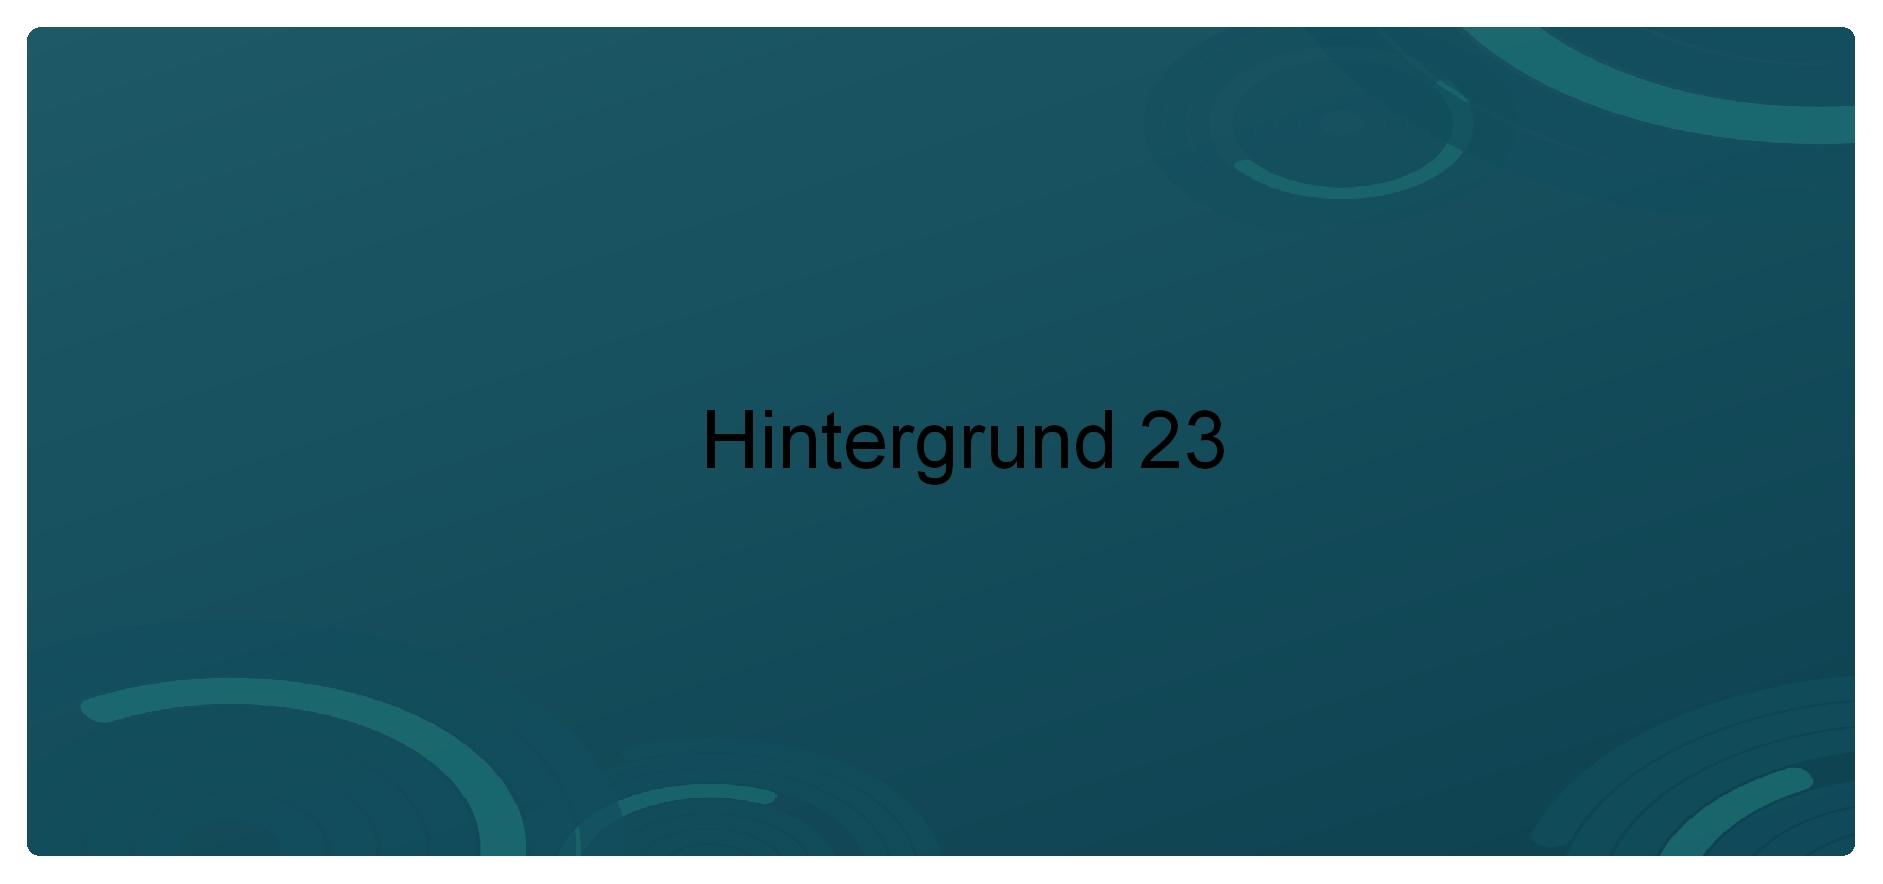 Hintergrund 23